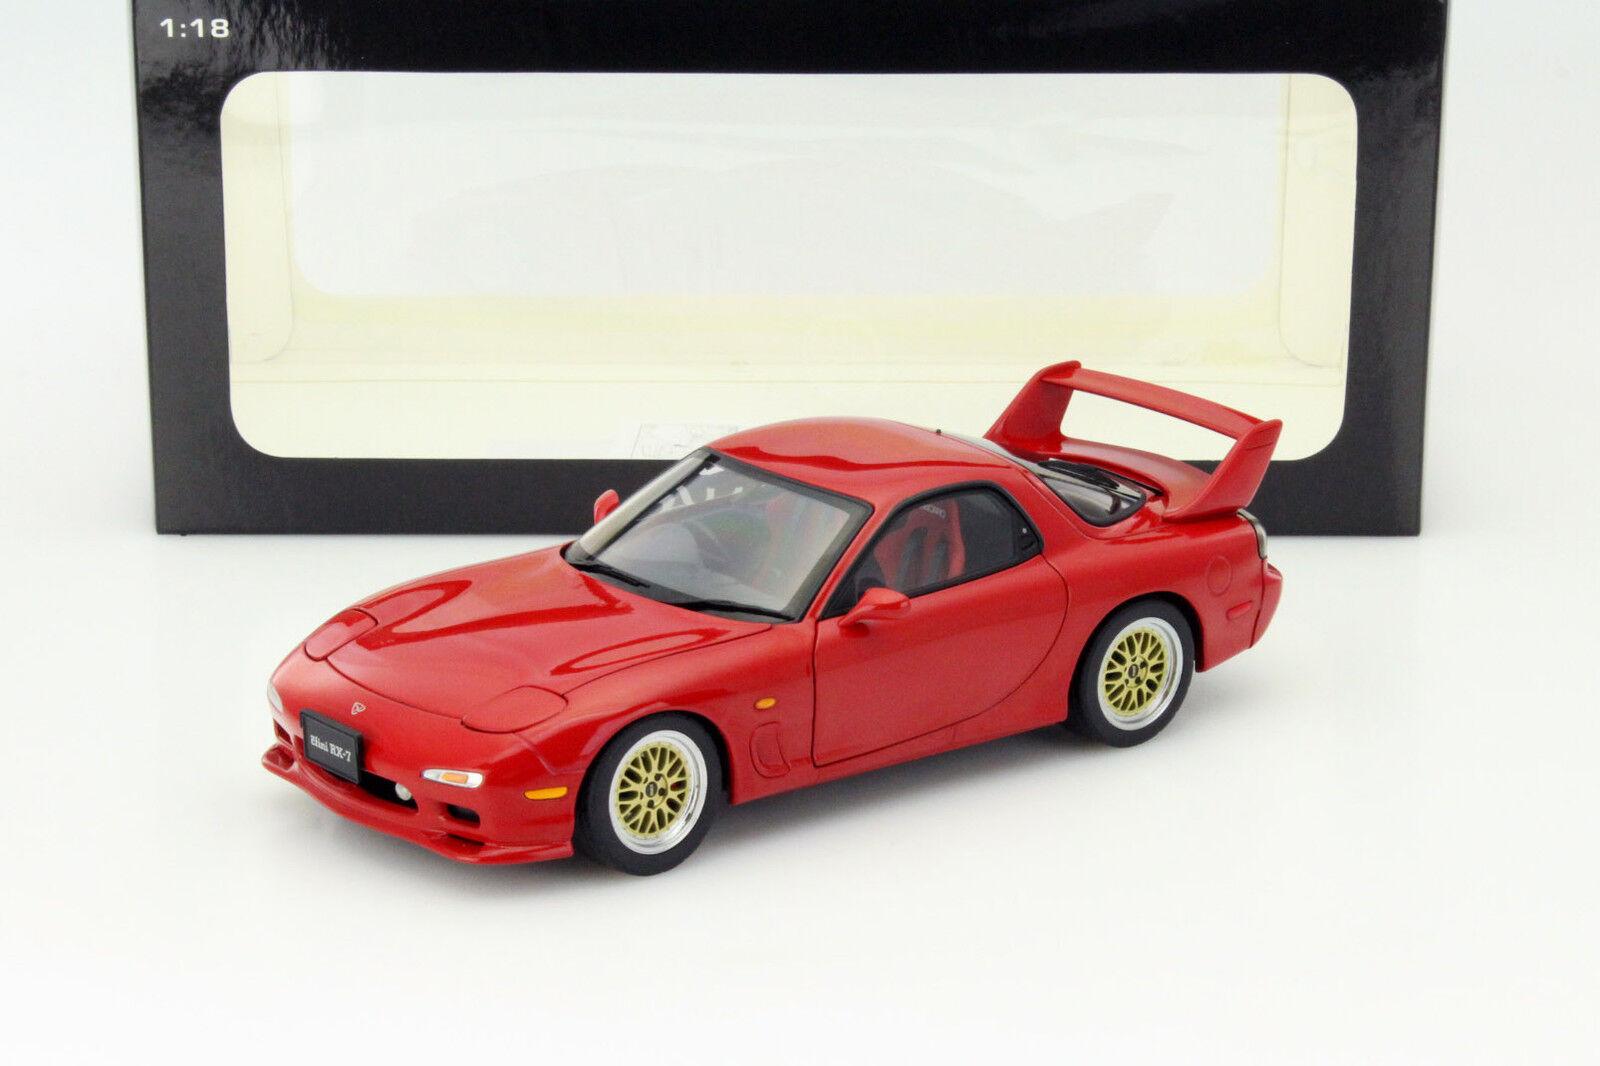 compra meglio MAZDA Efini rx-7 (FD) tuned versione anno di costruzione costruzione costruzione 1991 ROSSO 1 18 Autoart  sconto prezzo basso